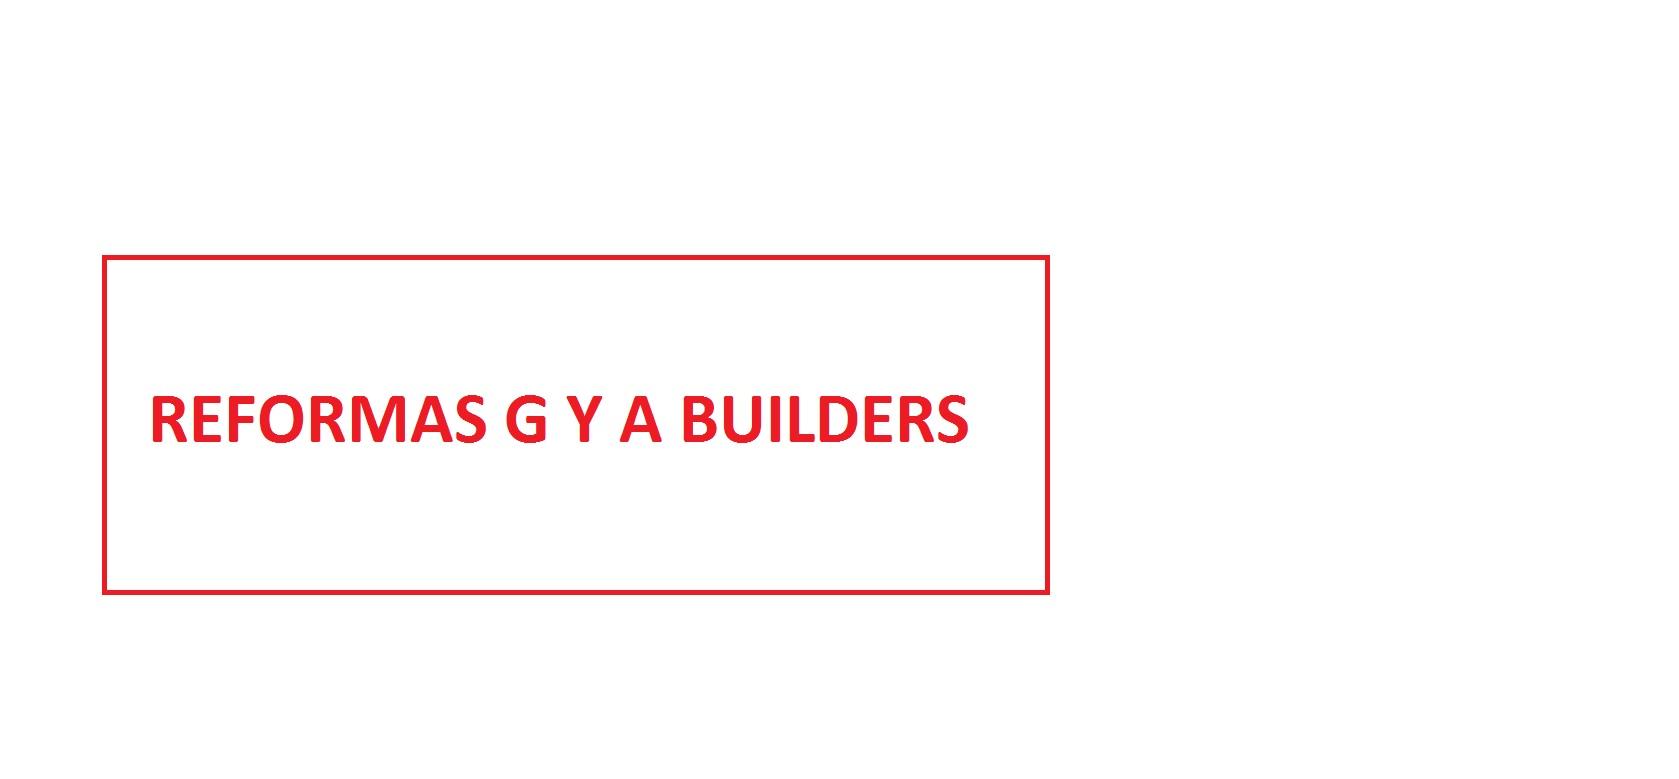 REFORMAS G Y A BUILDERS